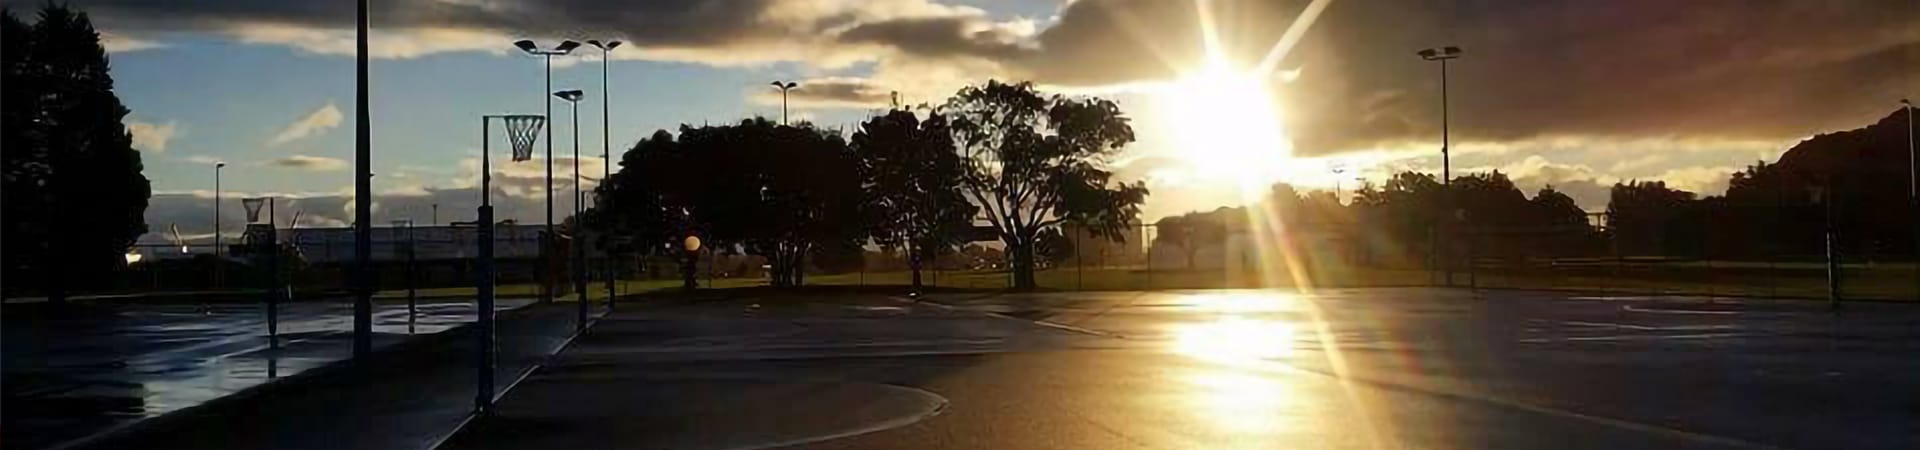 Welcome to Tauranga Netball Centre